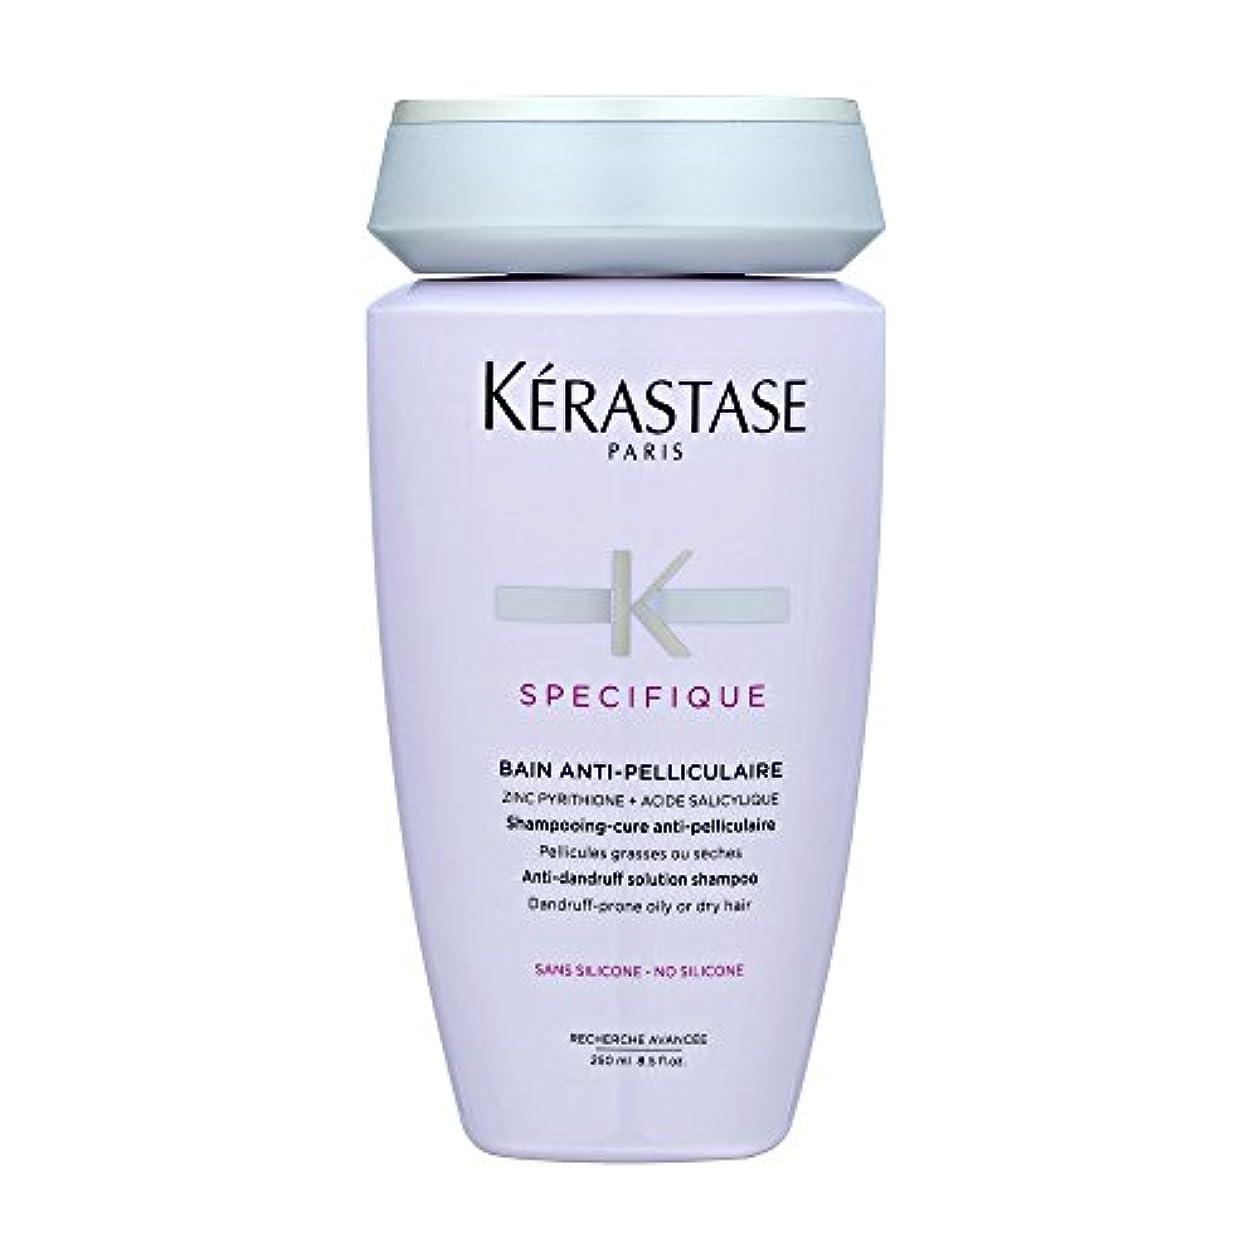 ために原油オフェンスケラスターゼ(KERASTASE) スペシフィック SP バン ゴマージュ ペリキュレール 250ml [並行輸入品]